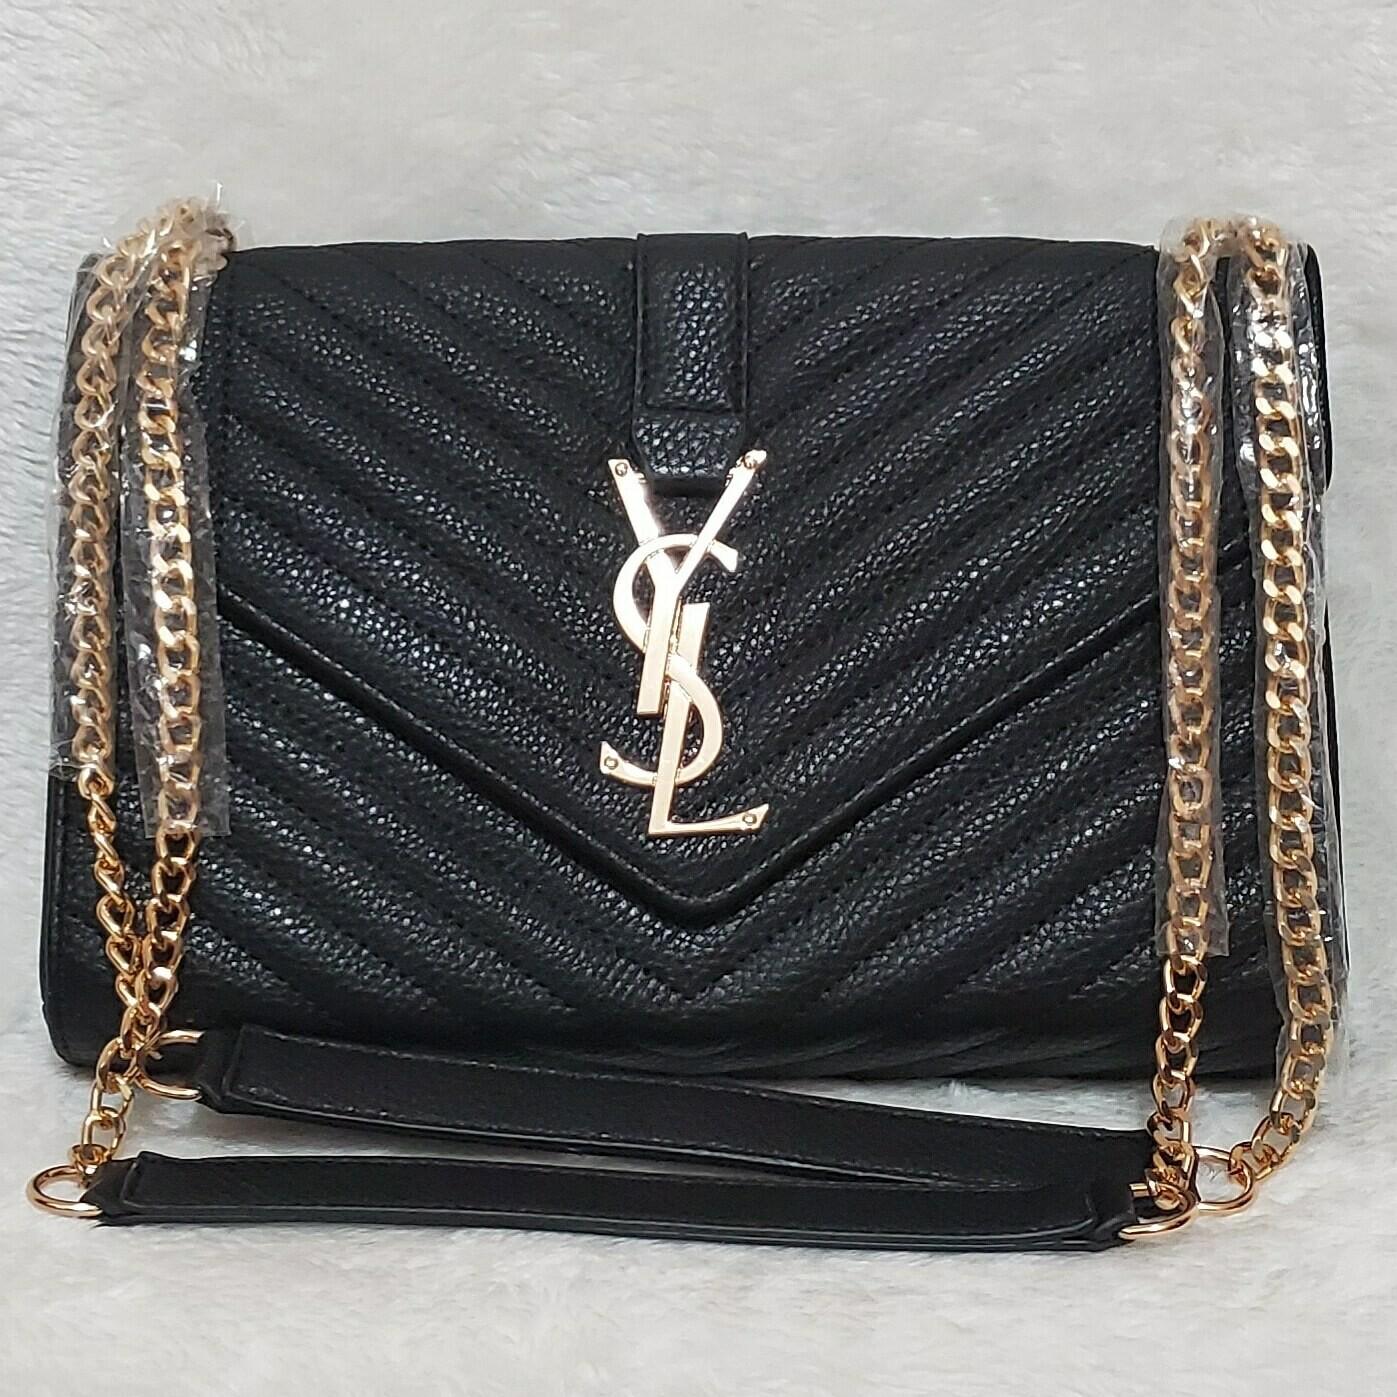 YSL Clutch (Black)